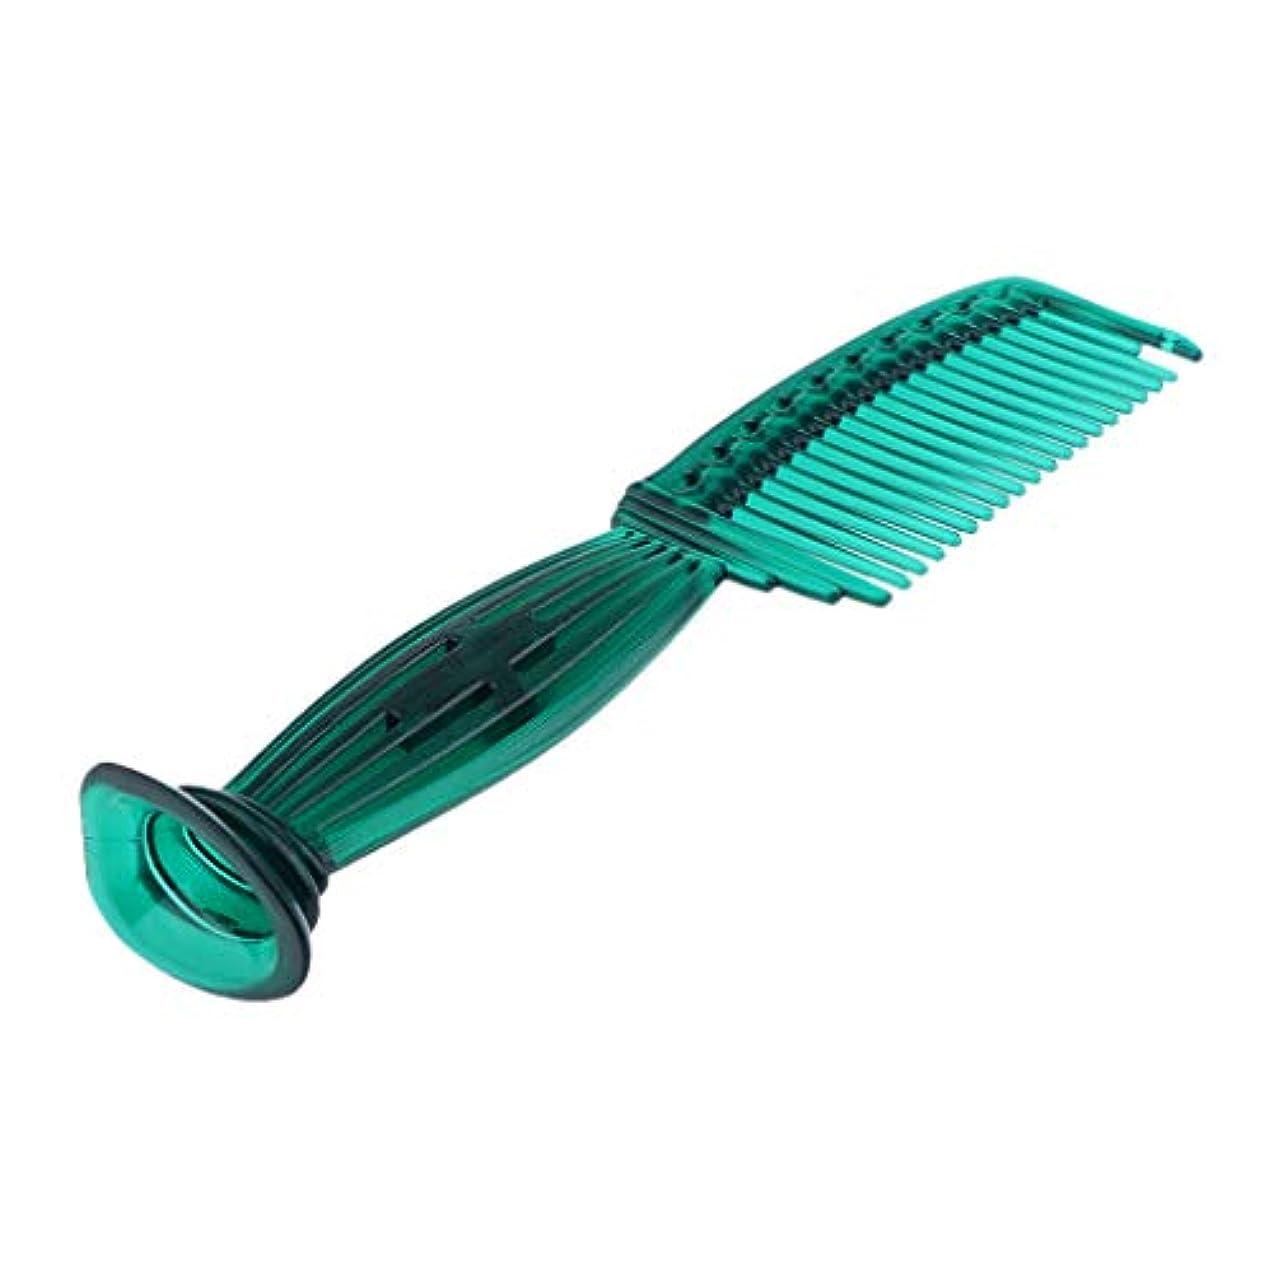 B Baosity ヘアコーム ヘアブラシ ラウンドチップ ワイドスペースの歯 頭皮保護 櫛 5色選べ - 緑